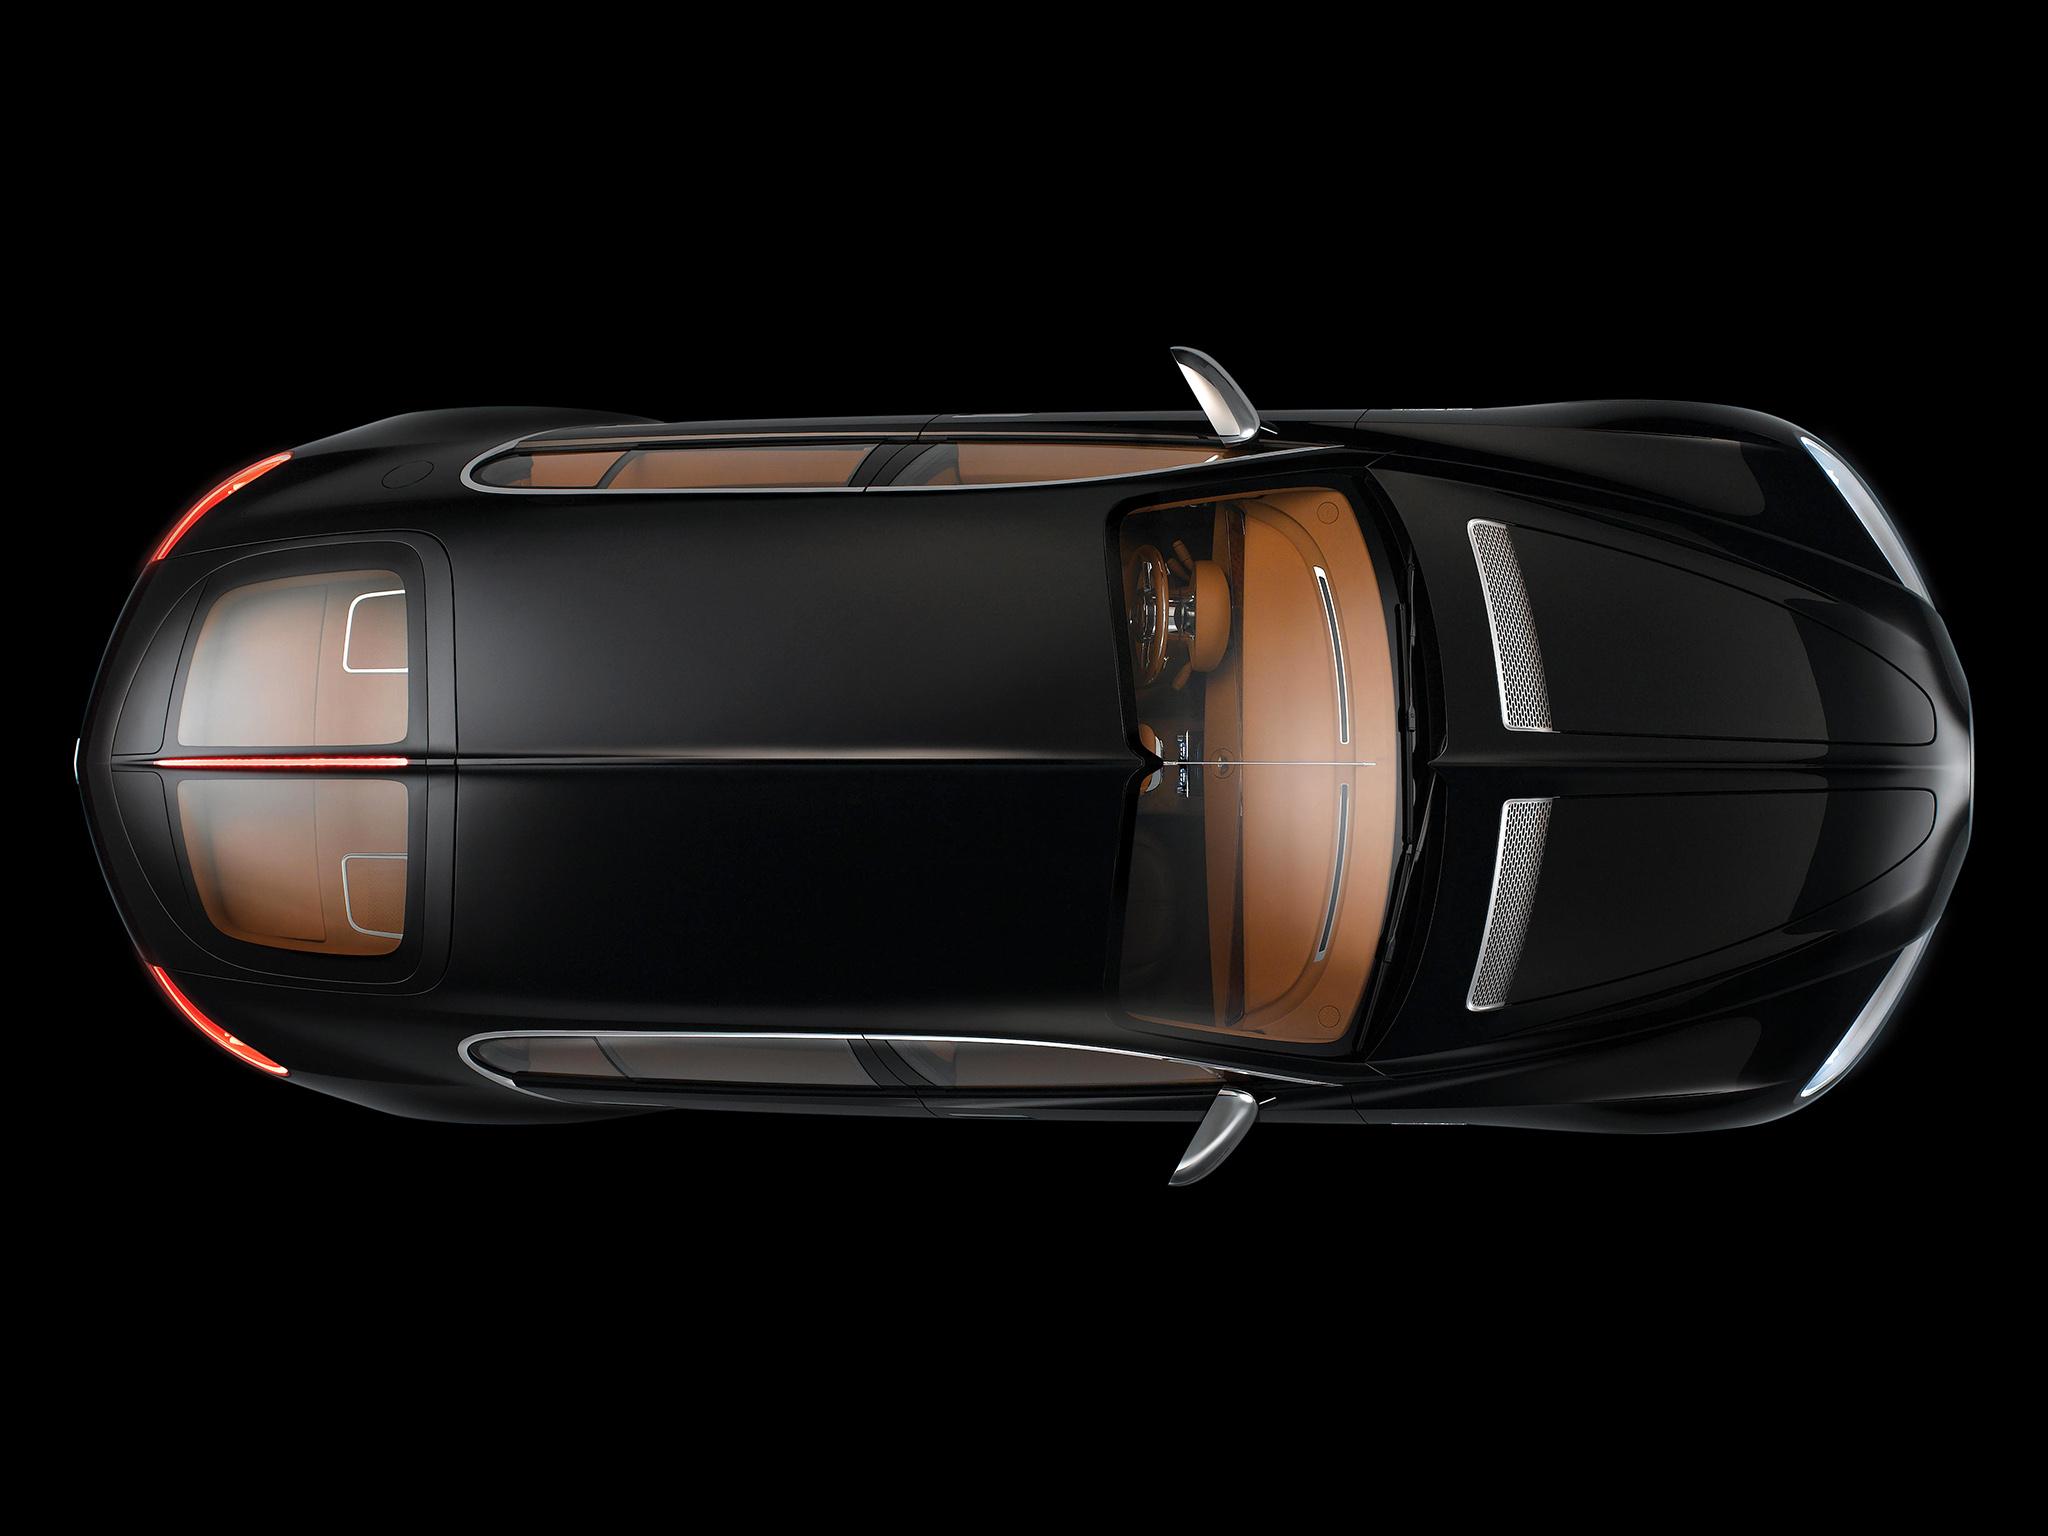 черный Bugatti, car, wallpaper, скачать фото обои на рабочий стол